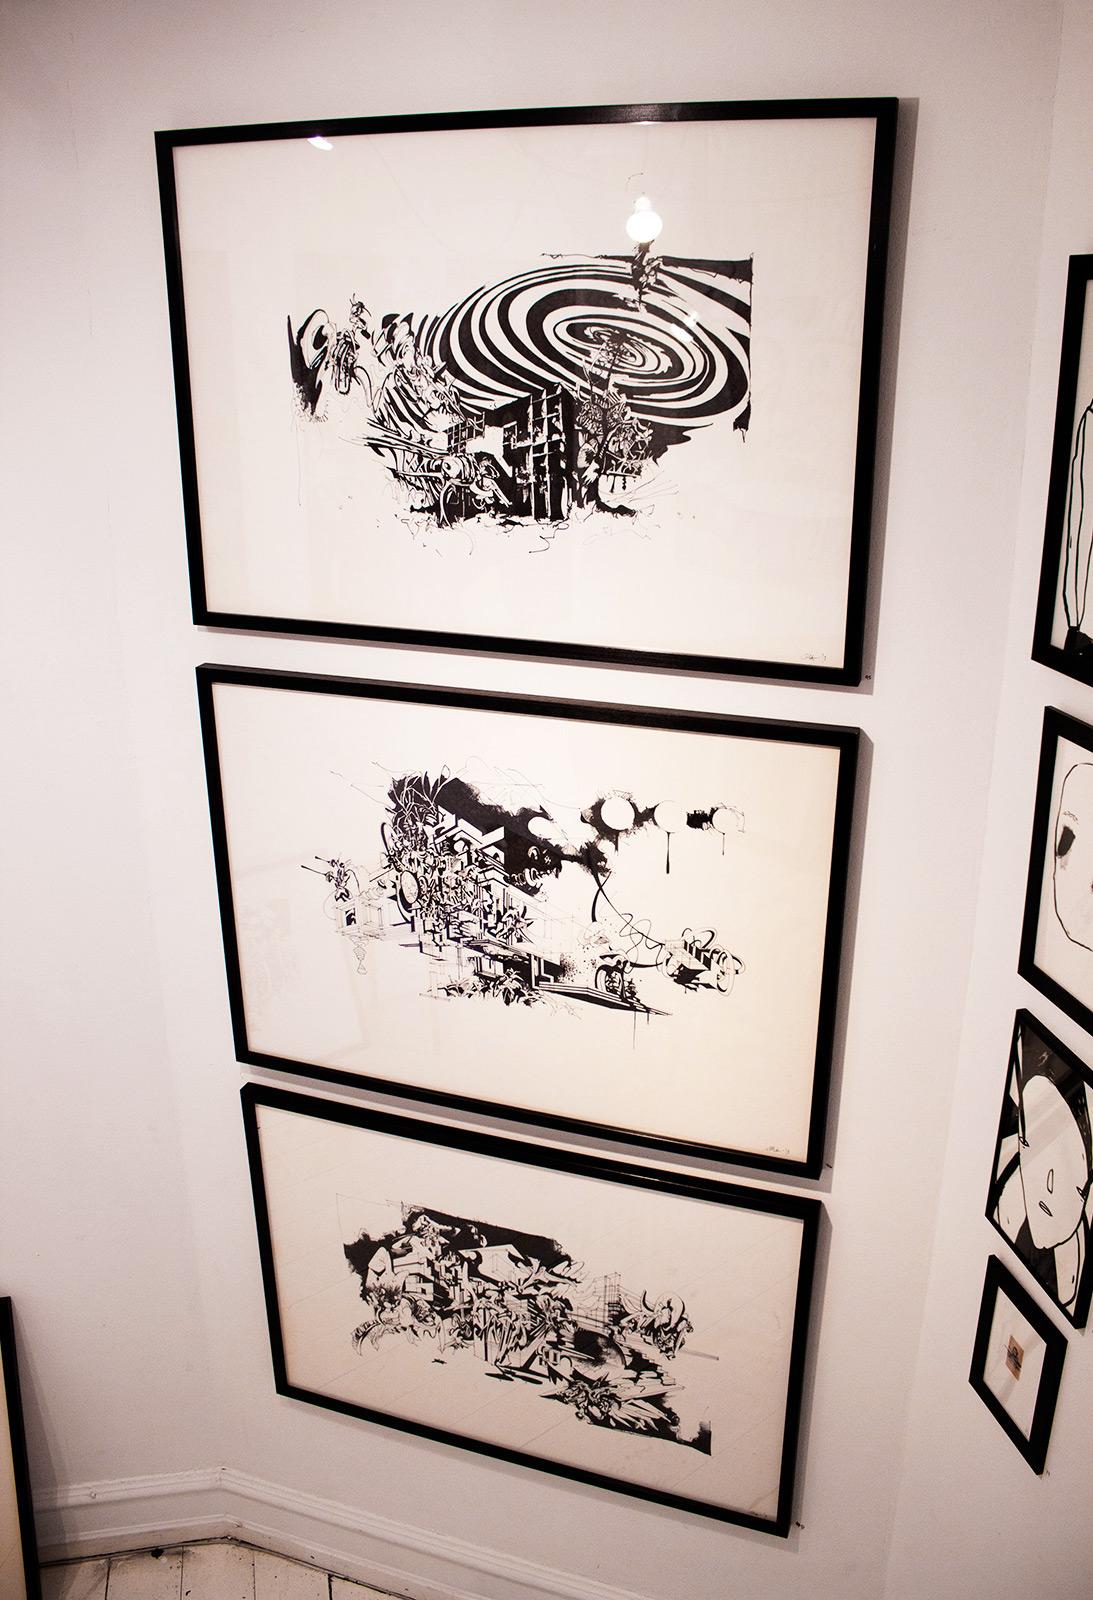 tegninger, abstrakte, ekspressionistiske, geometriske, illustrative, monokrome, arkitektur, botanik, bevægelse, mønstre, sorte, hvide, blæk, papir, tusch, abstrakte-former, arkitektoniske, sort-hvide, bygninger, samtidskunst, dansk, dekorative, design, blomster, interiør, bolig-indretning, moderne, moderne-kunst, nordisk, skandinavisk, street-art, Køb original kunst og kunstplakater. Malerier, tegninger, limited edition kunsttryk & plakater af dygtige kunstnere.